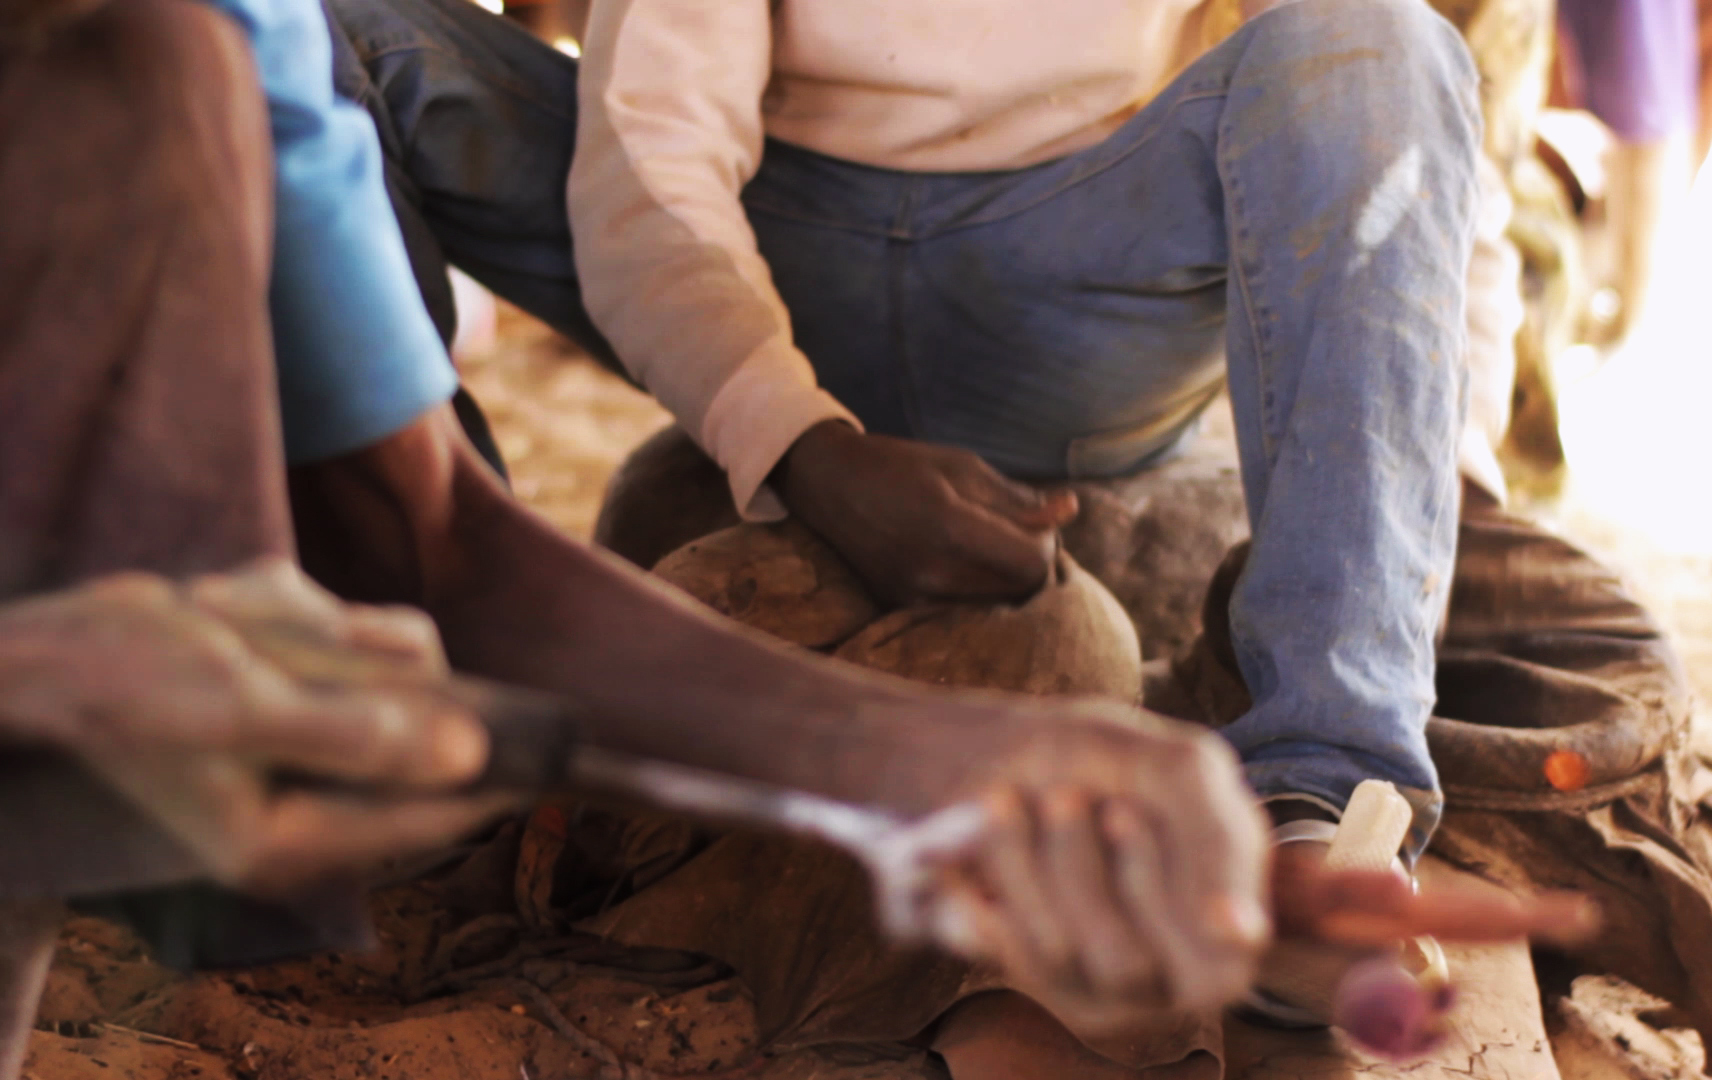 pablocaminante bandido cine dogon herrero - Malí 8, País Dogon V: moda, arte y religión